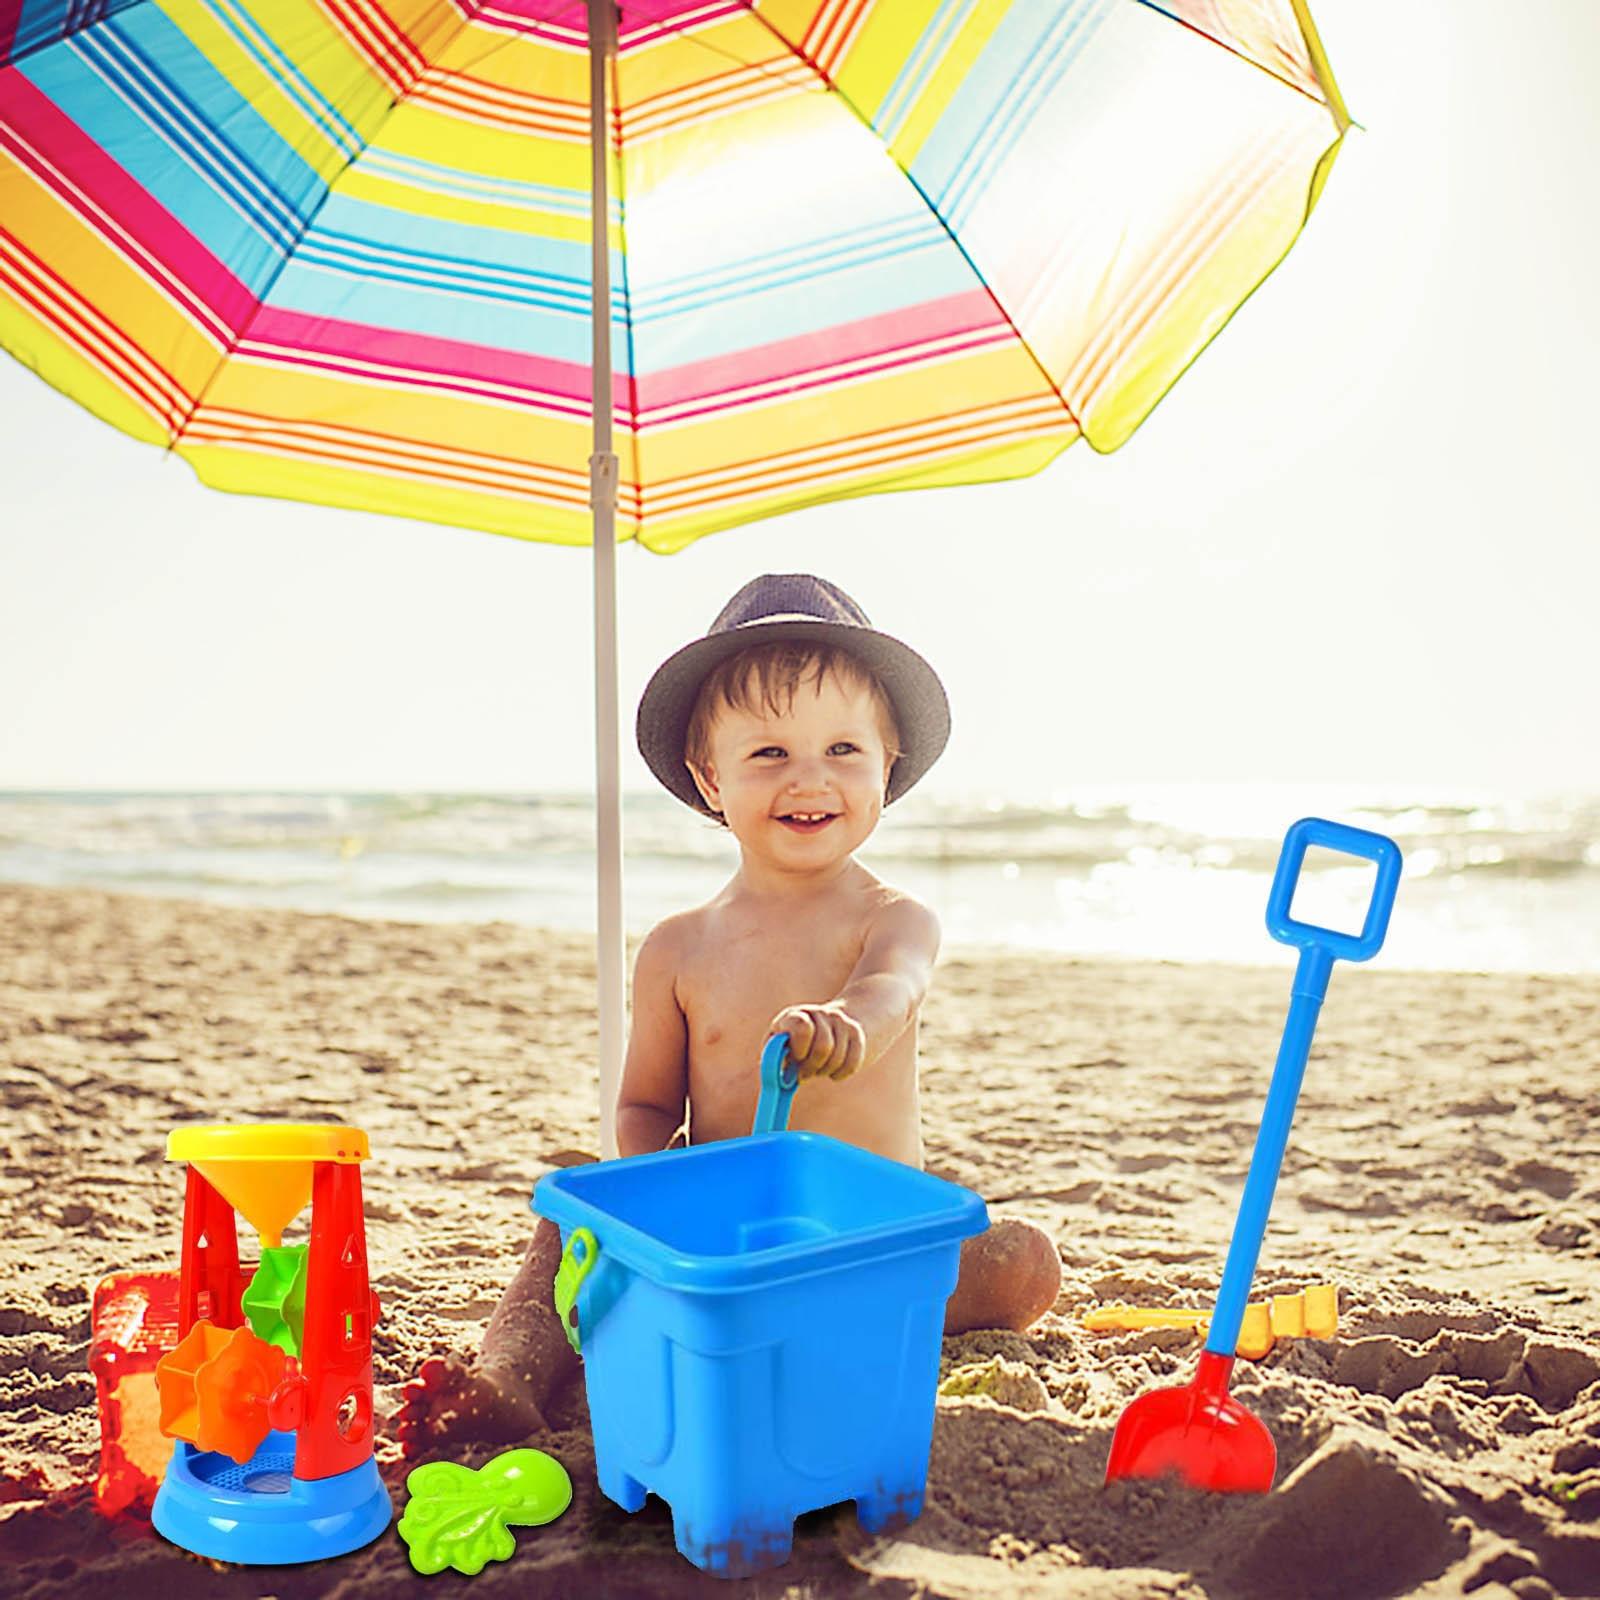 9 Piece Beach Toy Sand Set Sand Play Sandpit Toy Summer Outdoor Toy Kids Sand Kit Juego Arena Playa Reine Des Neige Zabawki